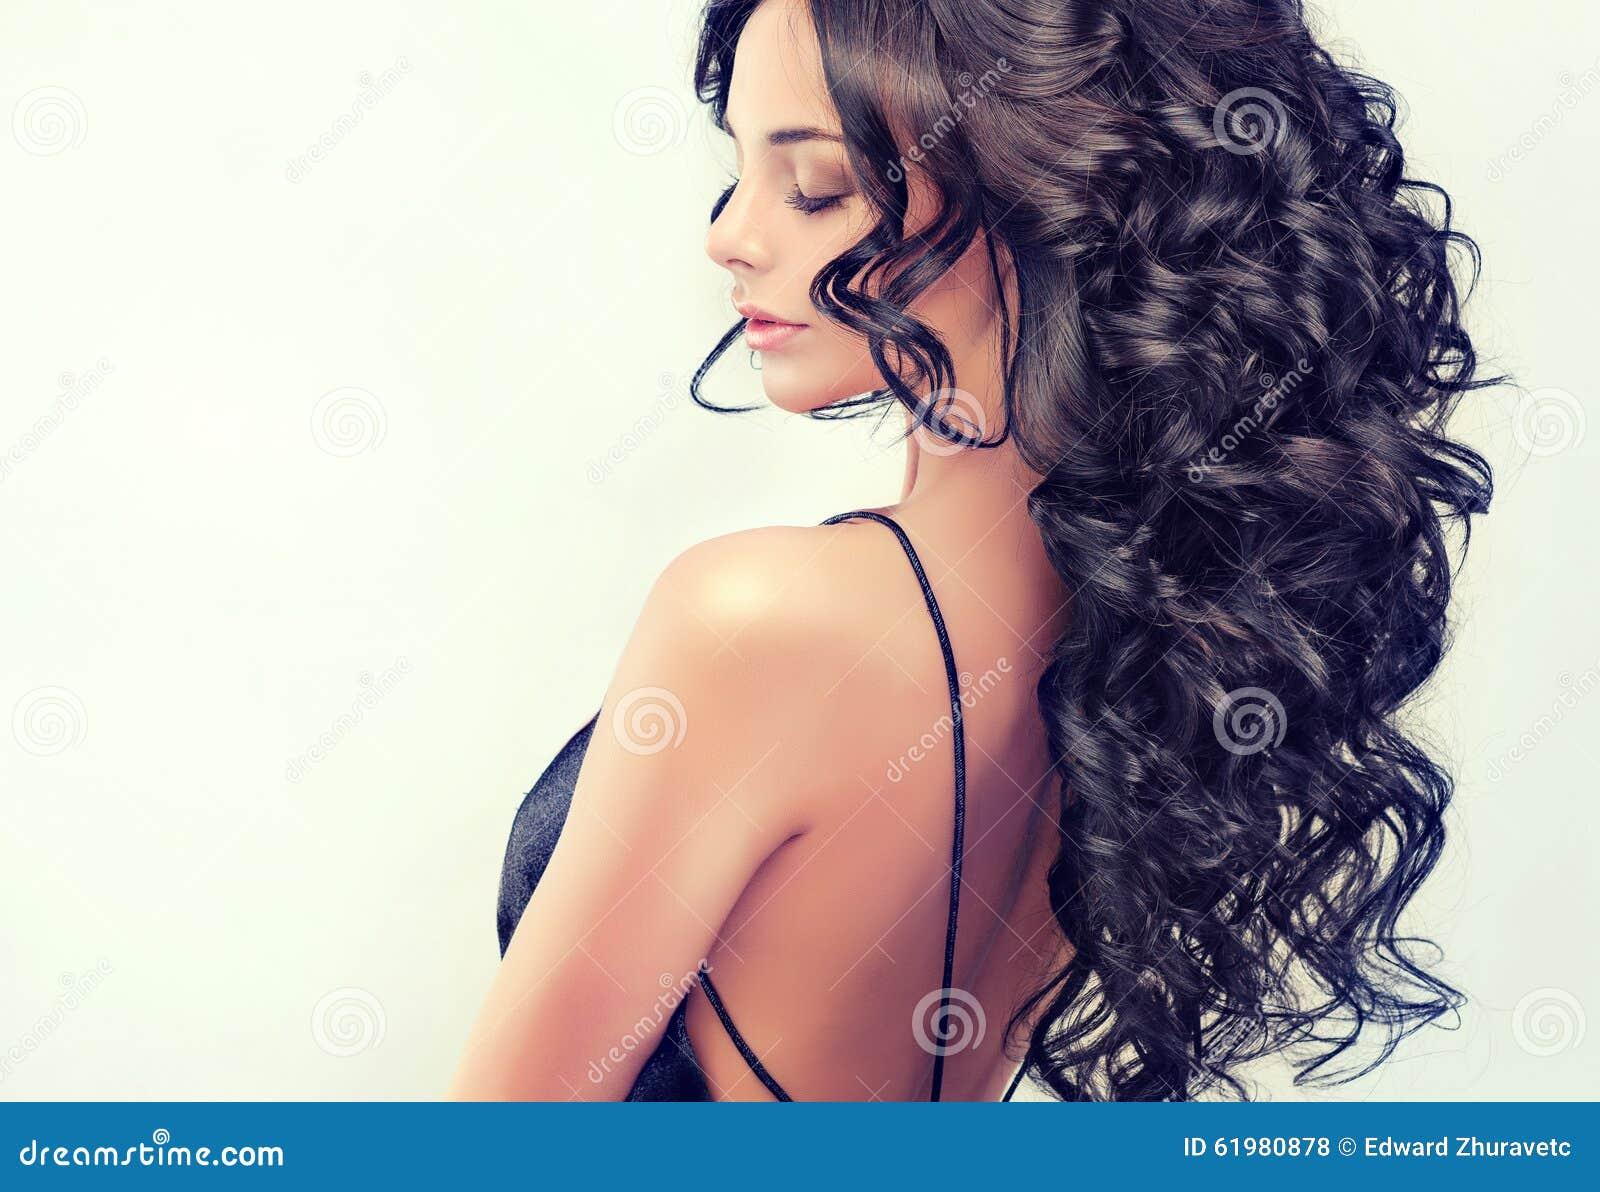 Όμορφο πρότυπο κοριτσιών πορτρέτου με την πολύ μαύρη κατσαρωμένη τρίχα